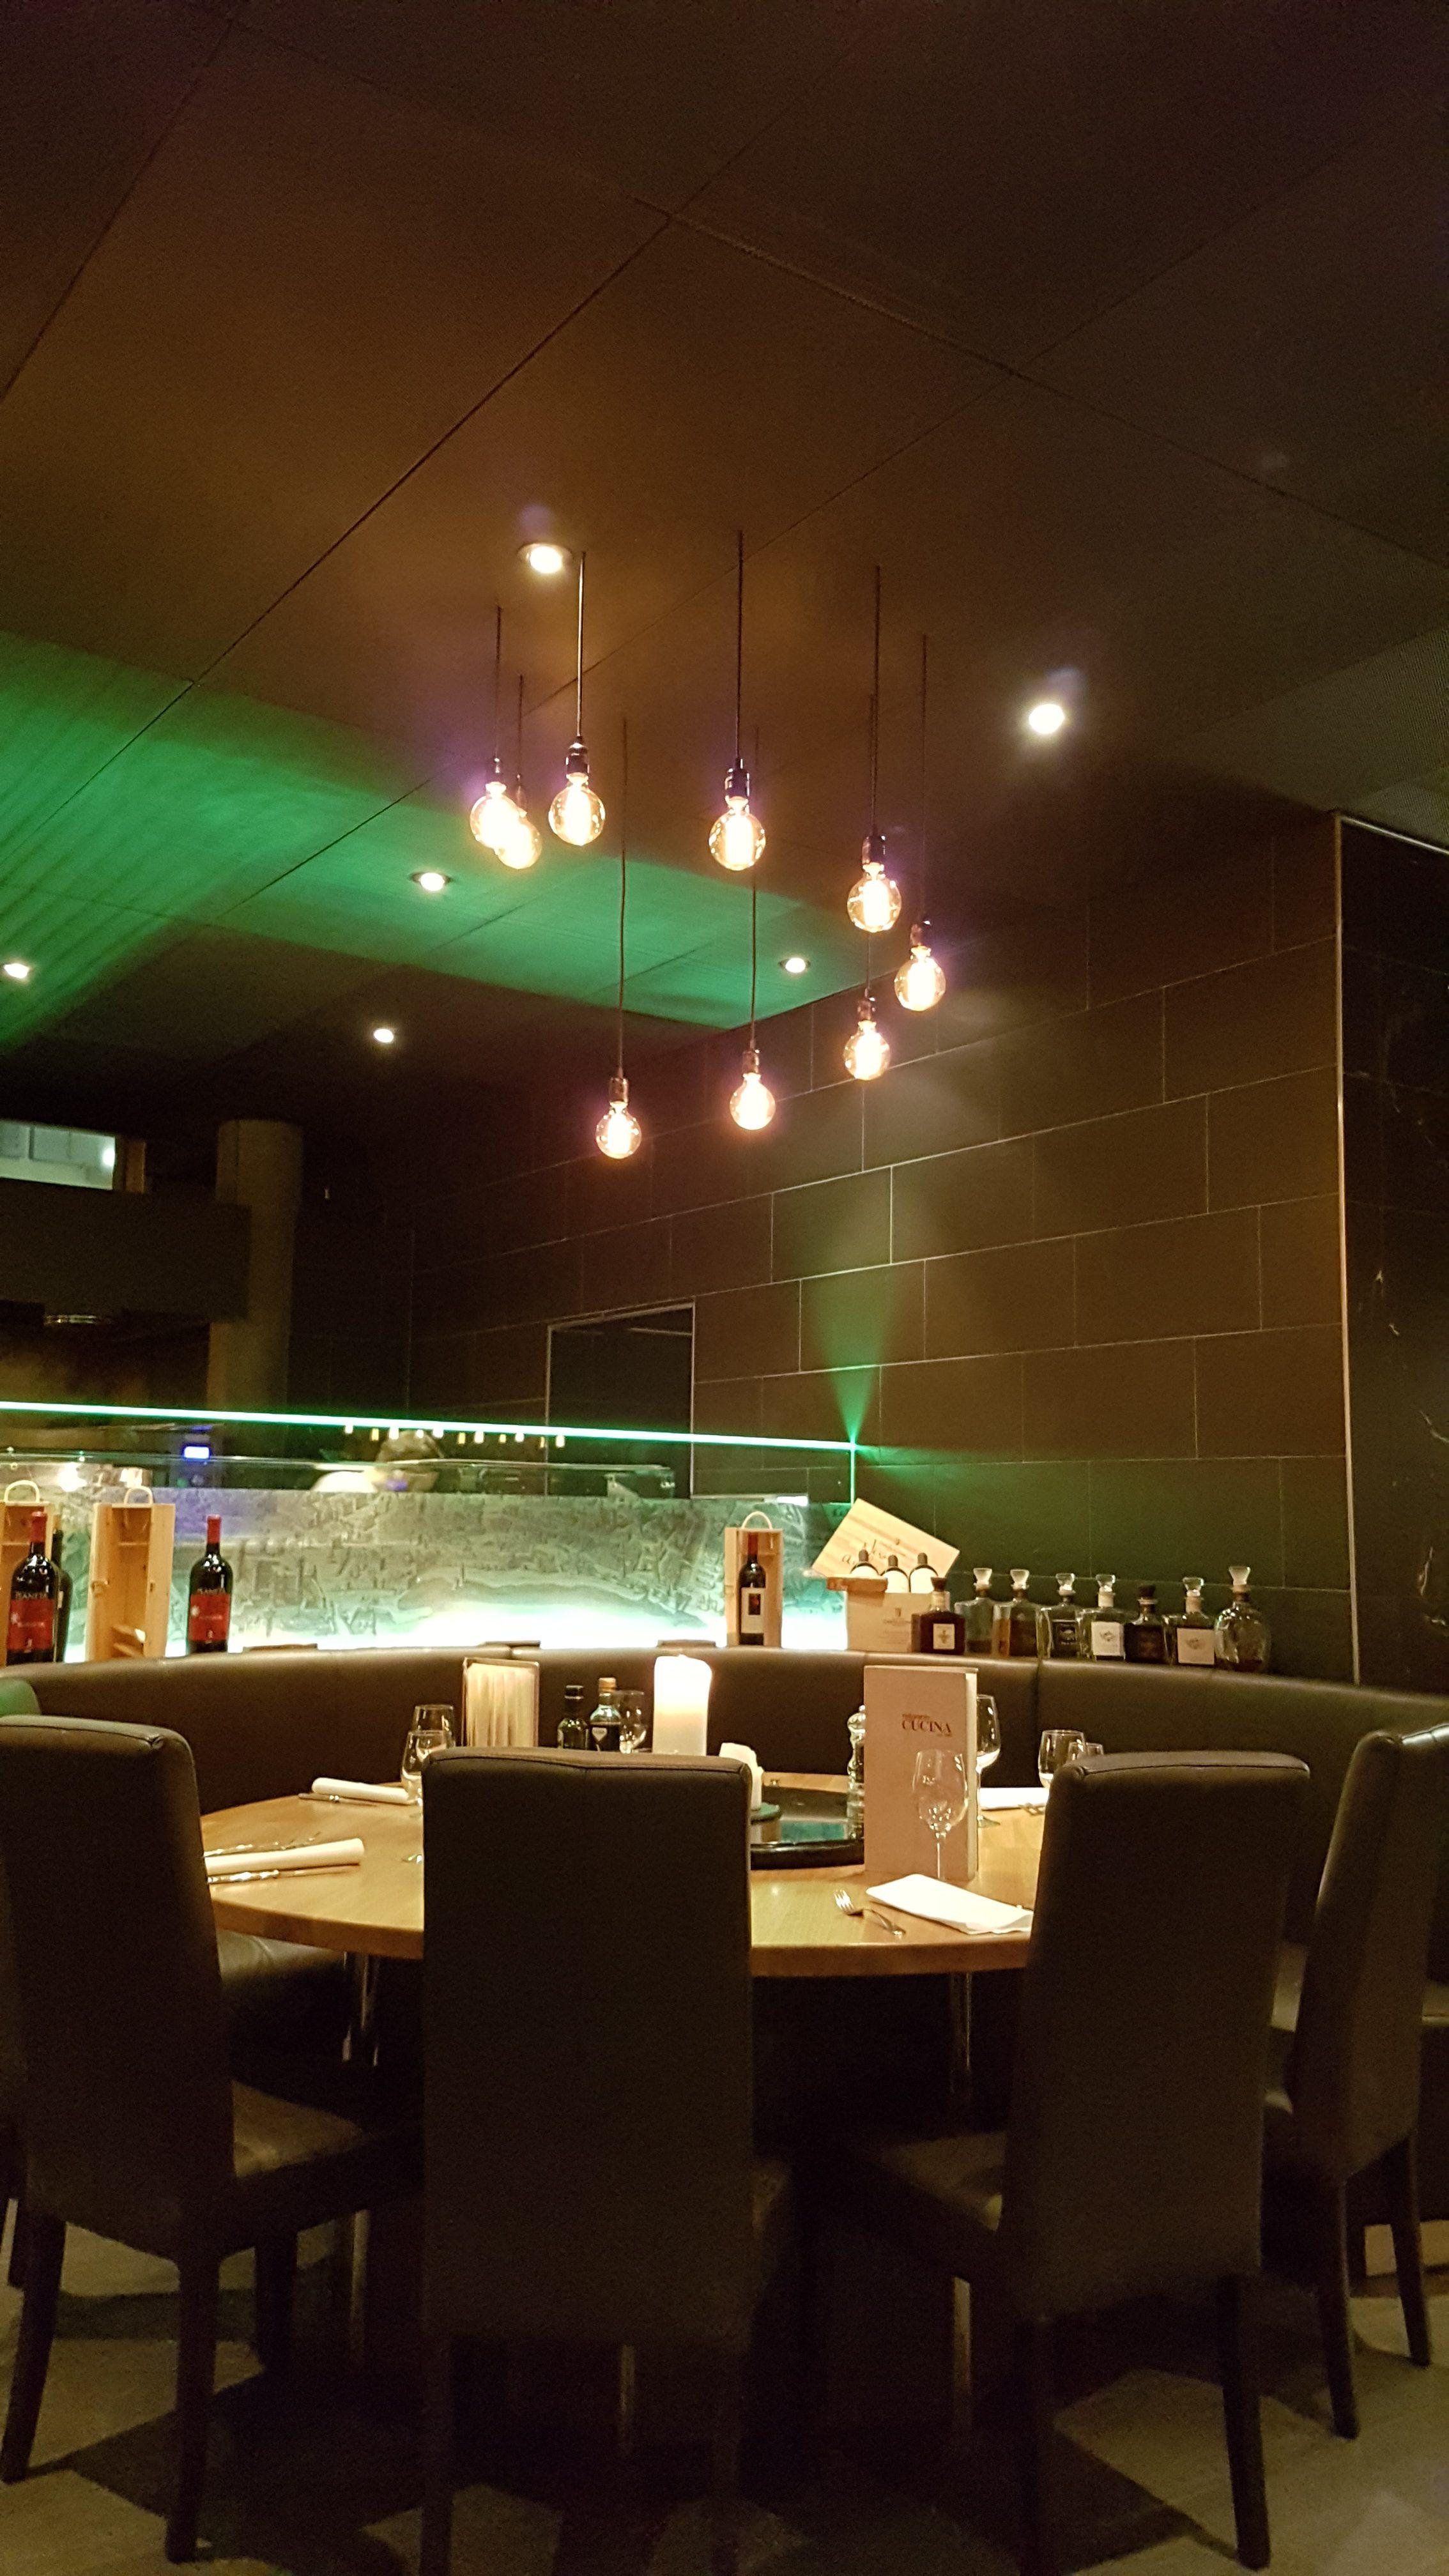 Travaux diverses – Modernisation, éclairage, PAC, cuisine, WC elec., LED….